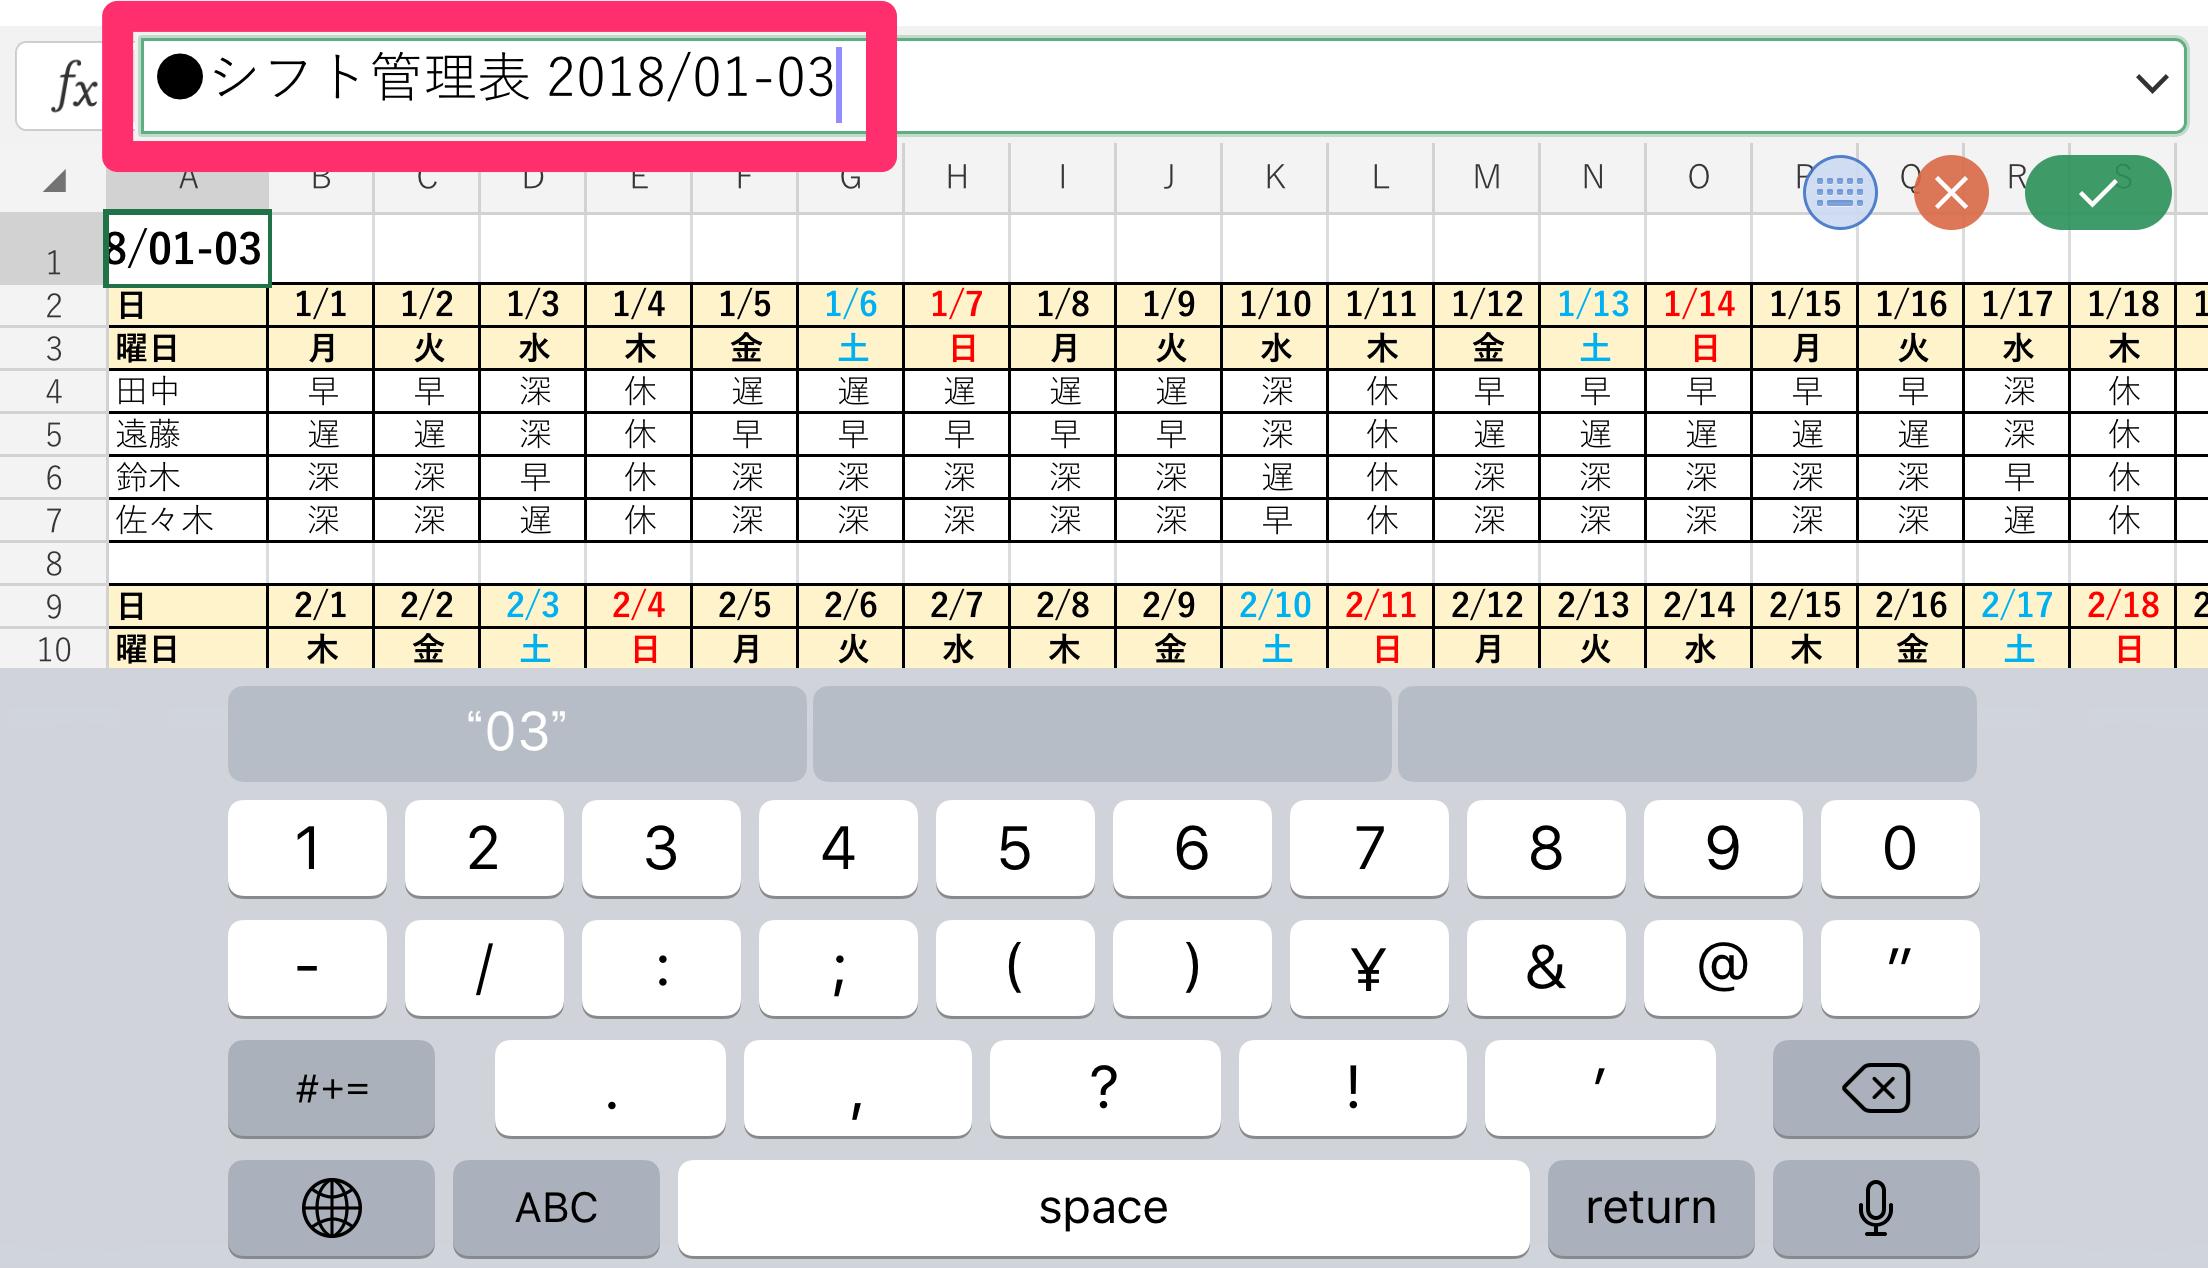 【エクセル時短】使ってる?「Excel Online」。ちょっとした下準備でスマホからサクッと手直しできる!